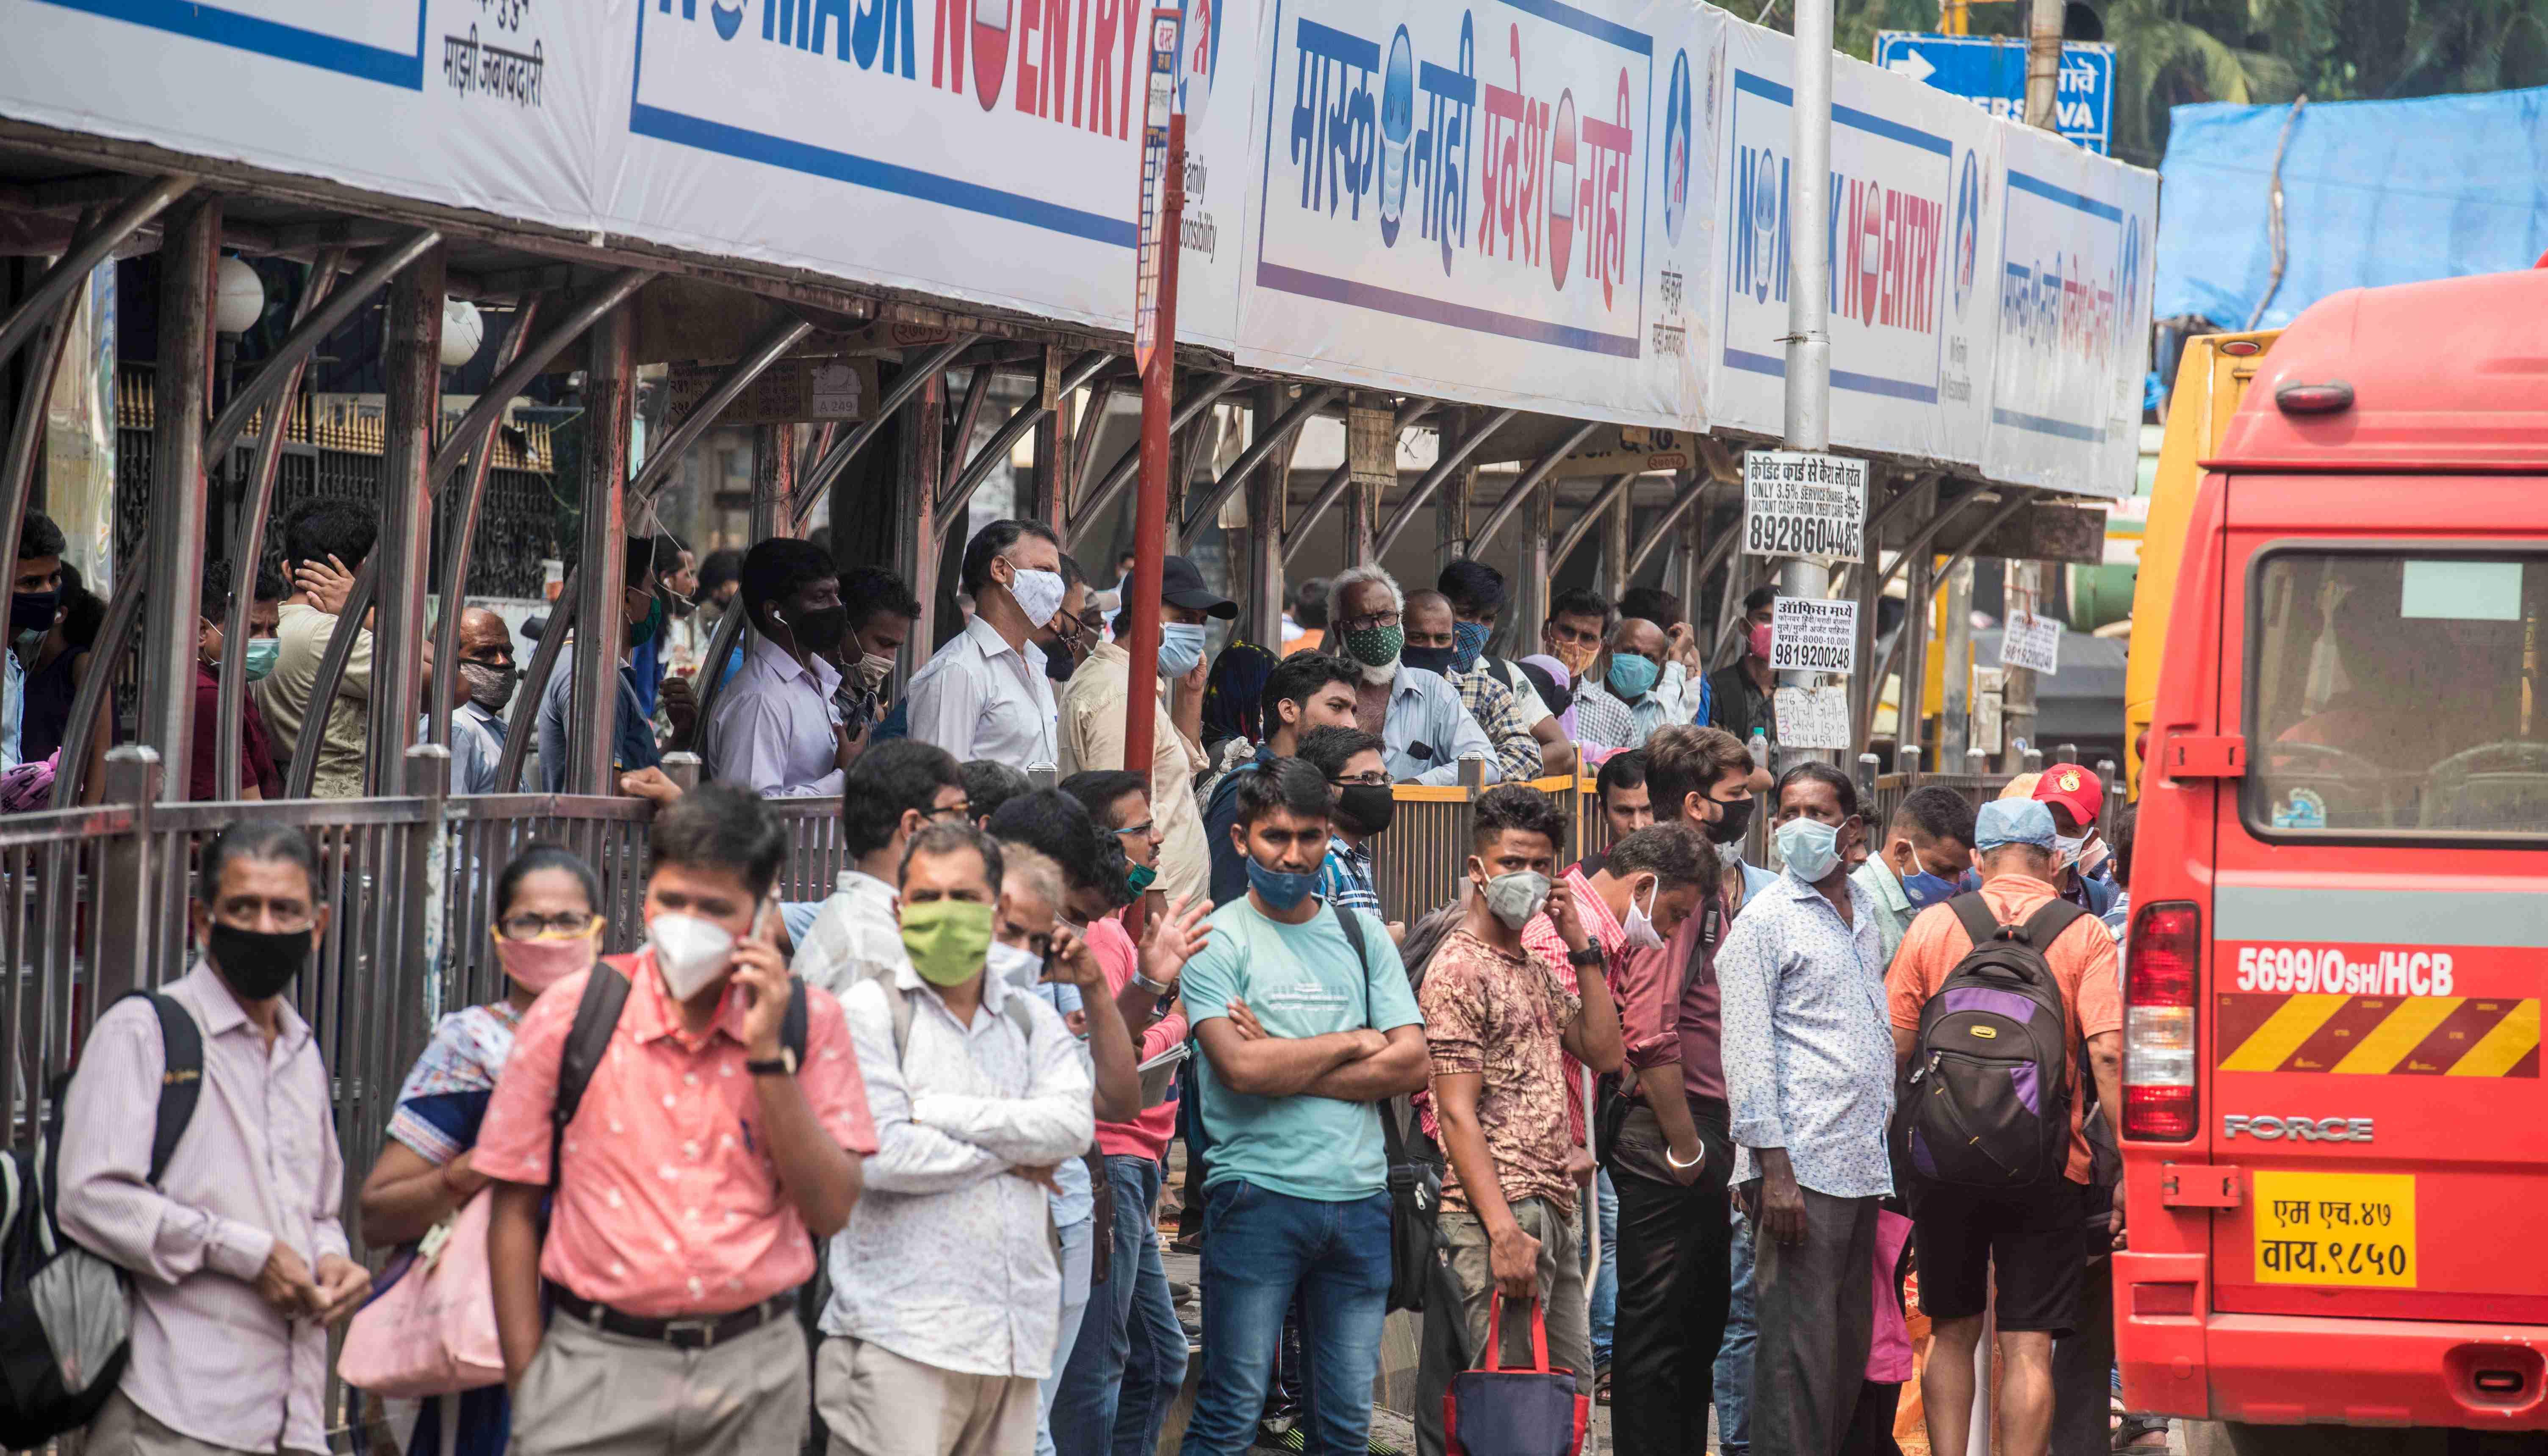 """印度濒临全国停电危机""""煤荒""""难解,能源供应短缺或持续半年插图1"""